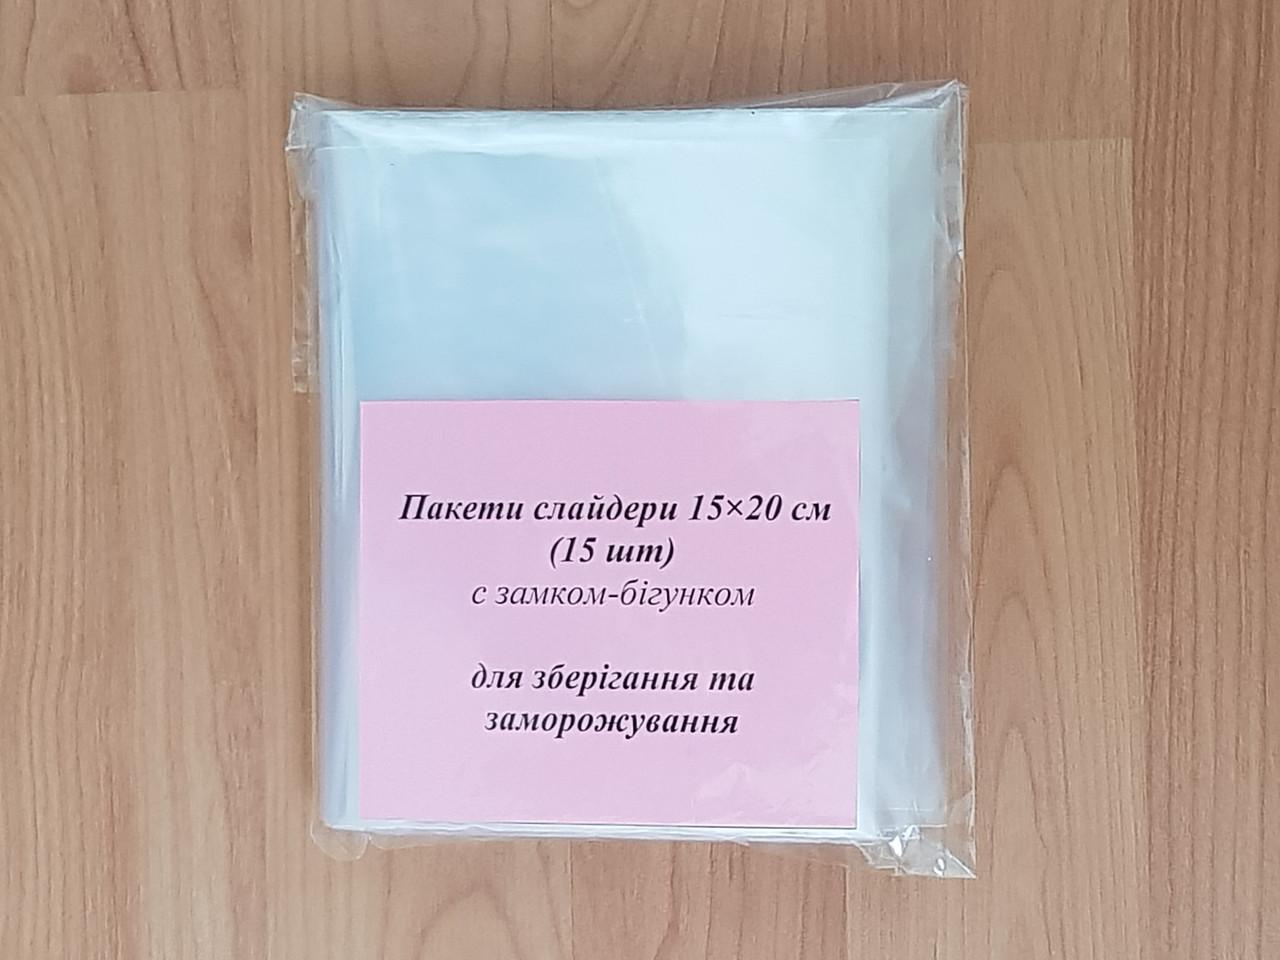 Пакеты слайдеры 15×20 см  (15 шт) с замком-бегунком для хранения